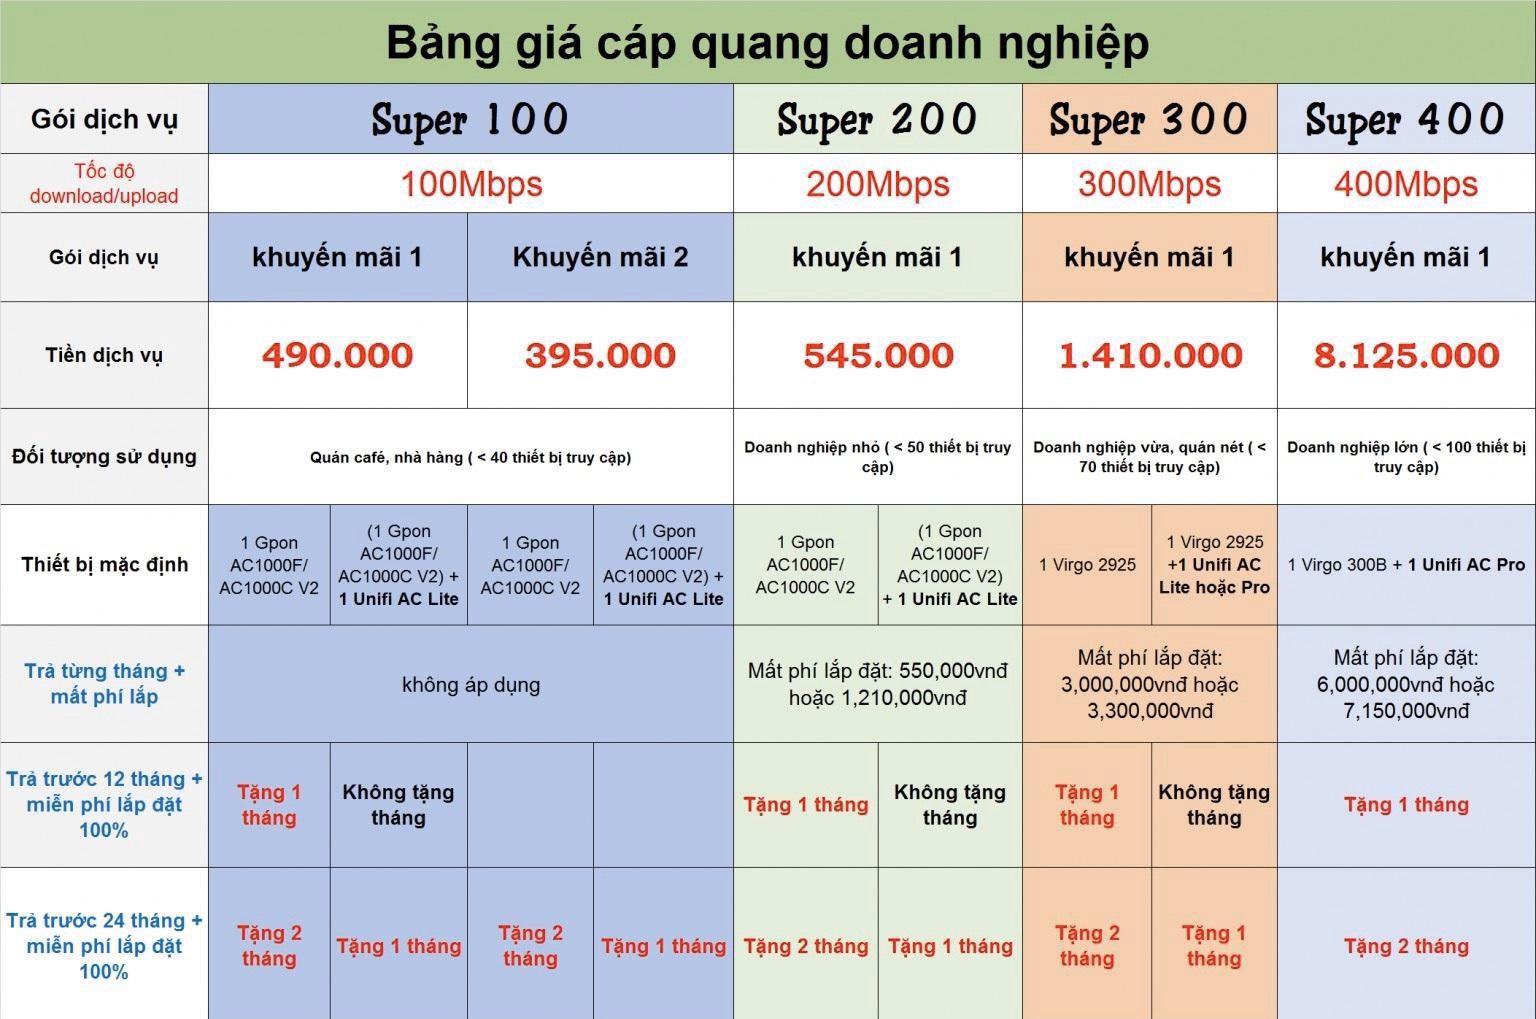 bảng giá cáp quang FPT cho doanh nghiệp